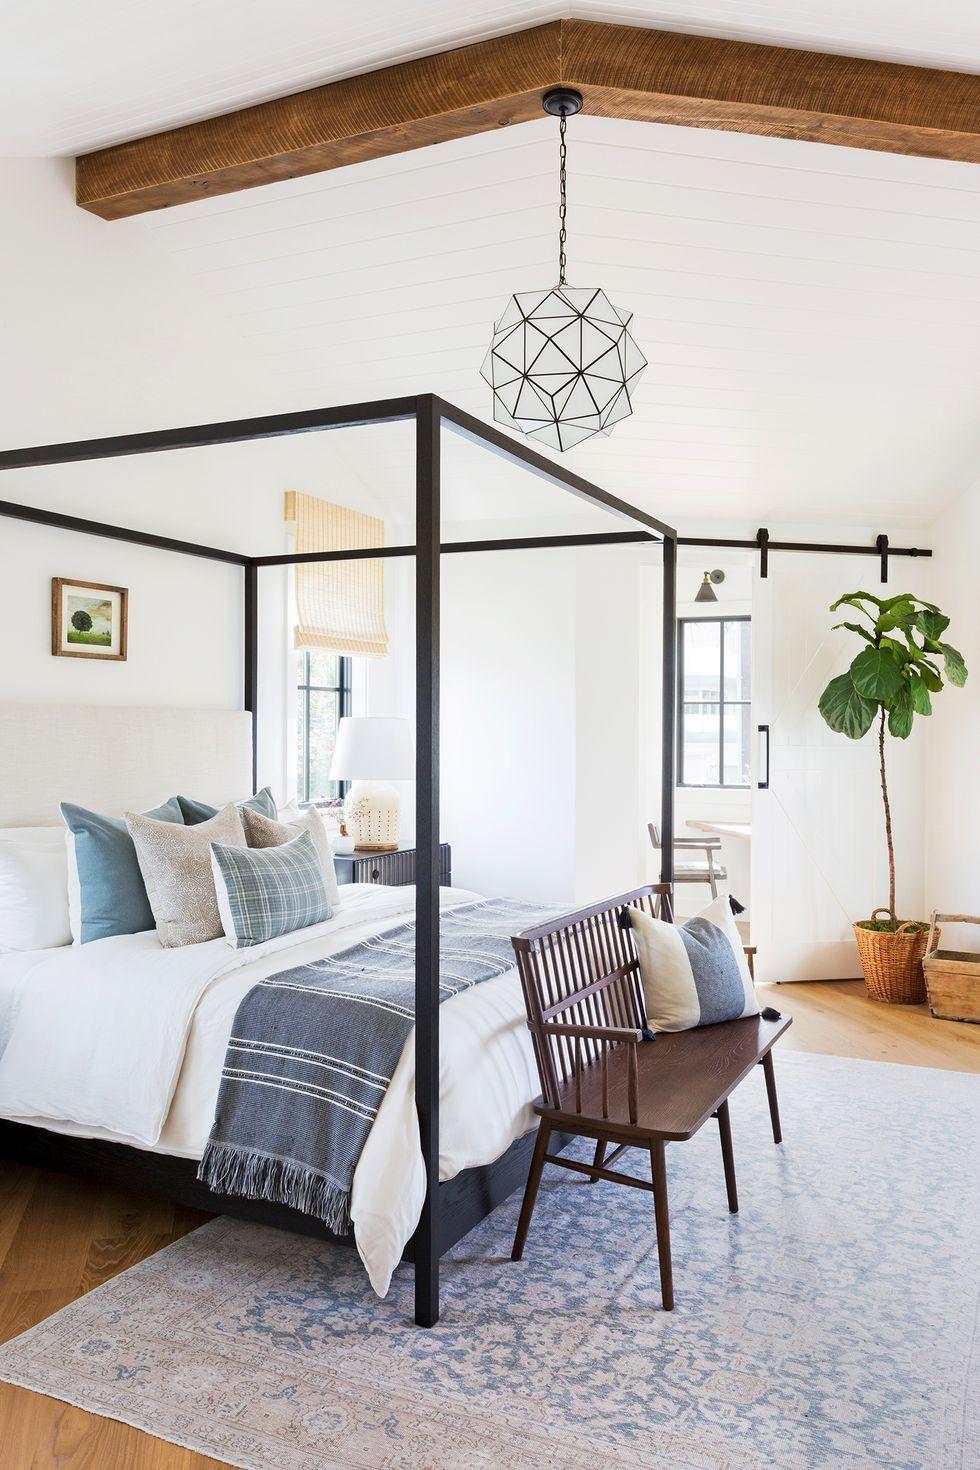 45 easy bedroom makeover ideas diy